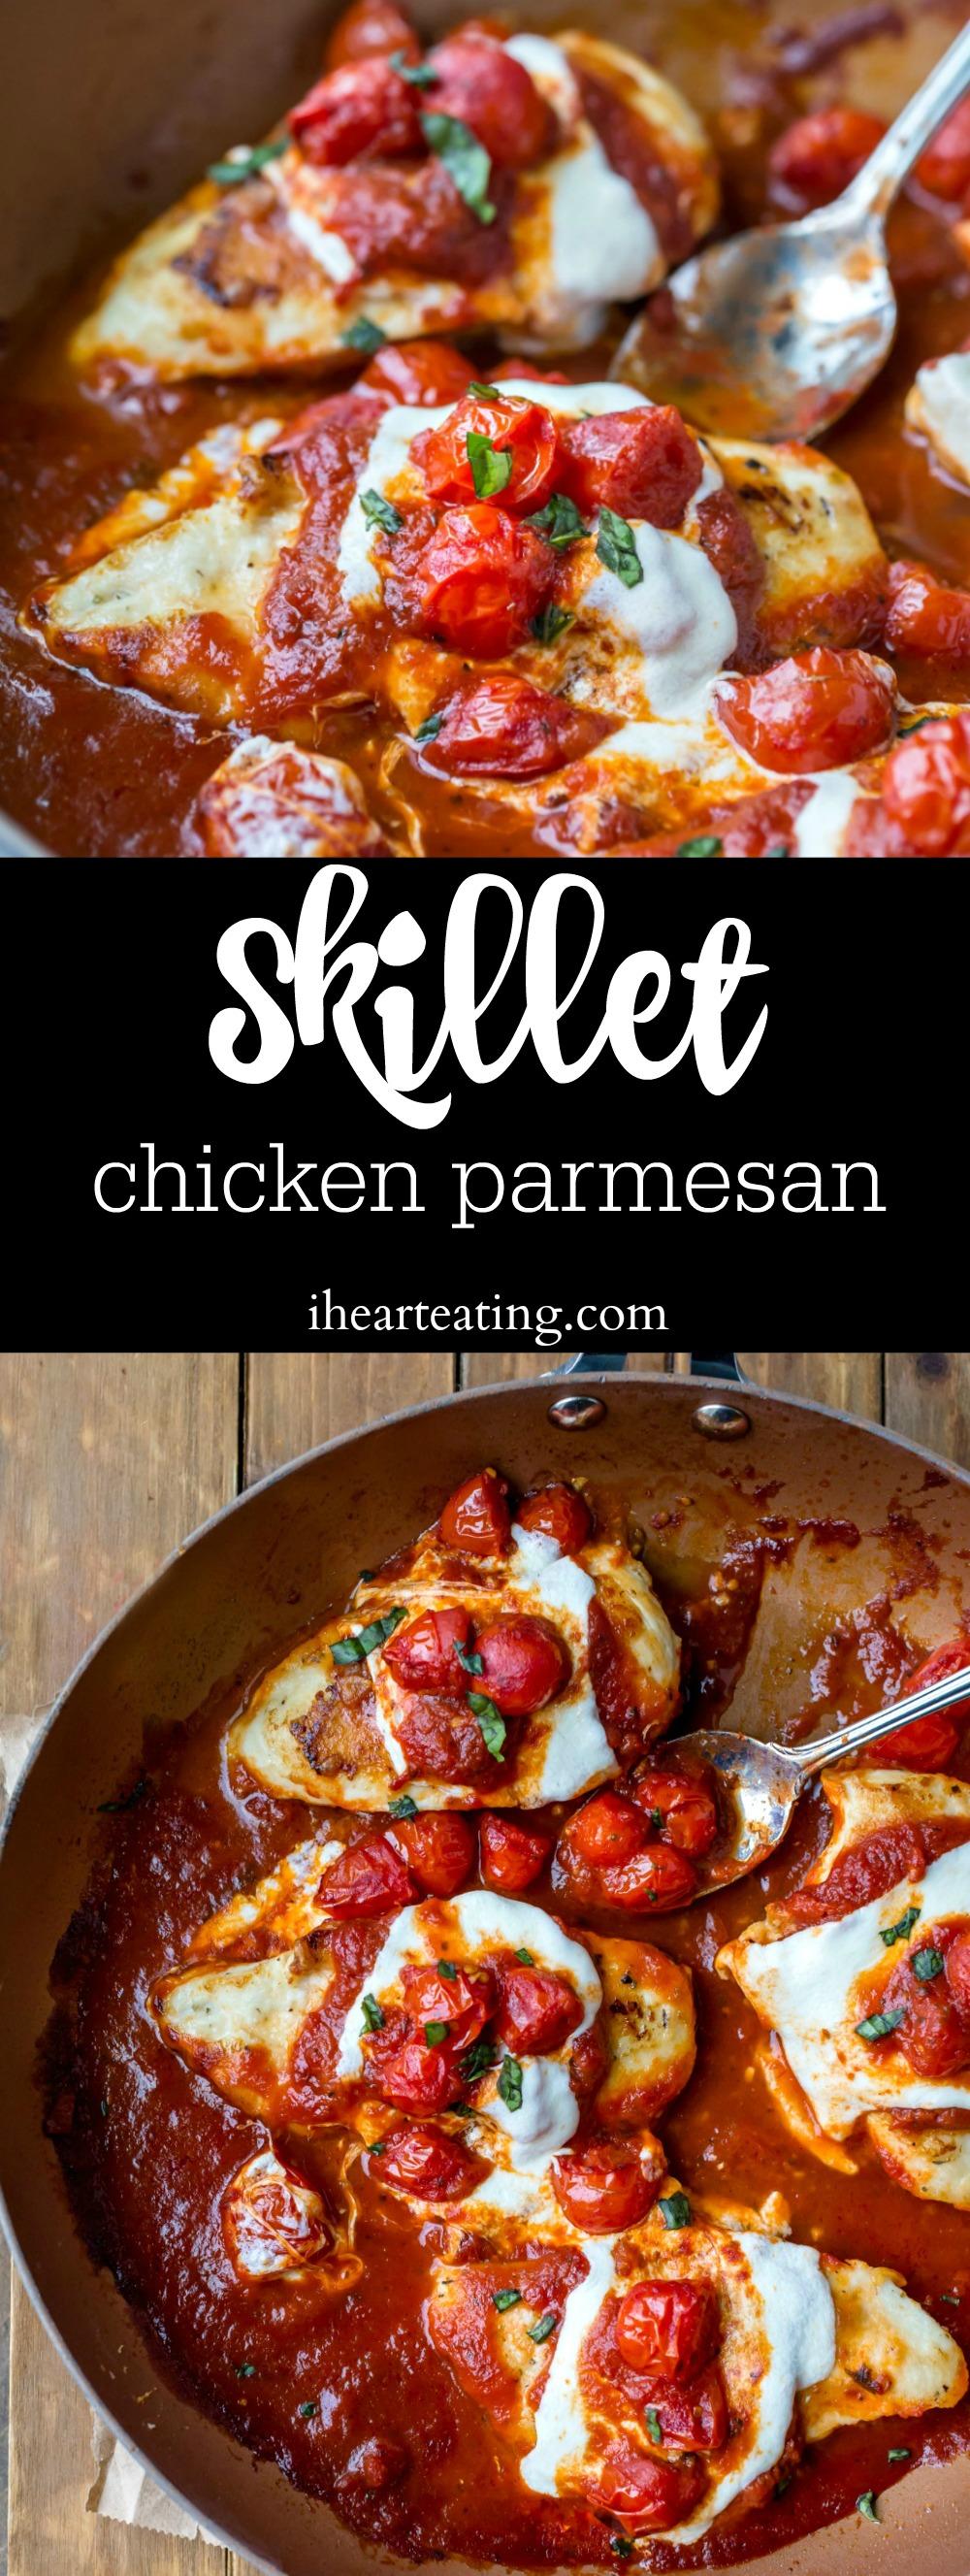 Skillet Chicken Parmesan #chickenparmesan